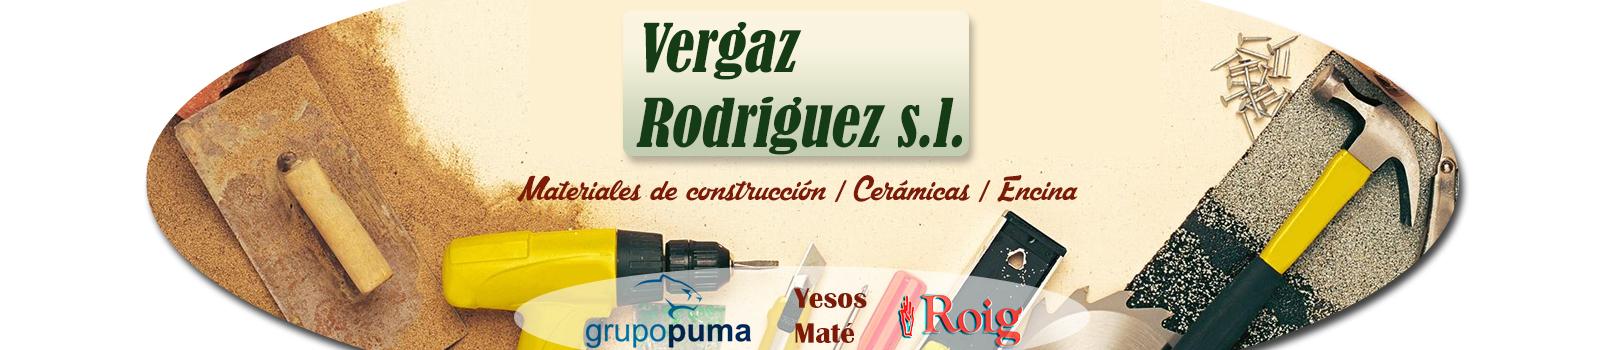 Venta de cerámica en Valladolid,Productos de obra en las delicias